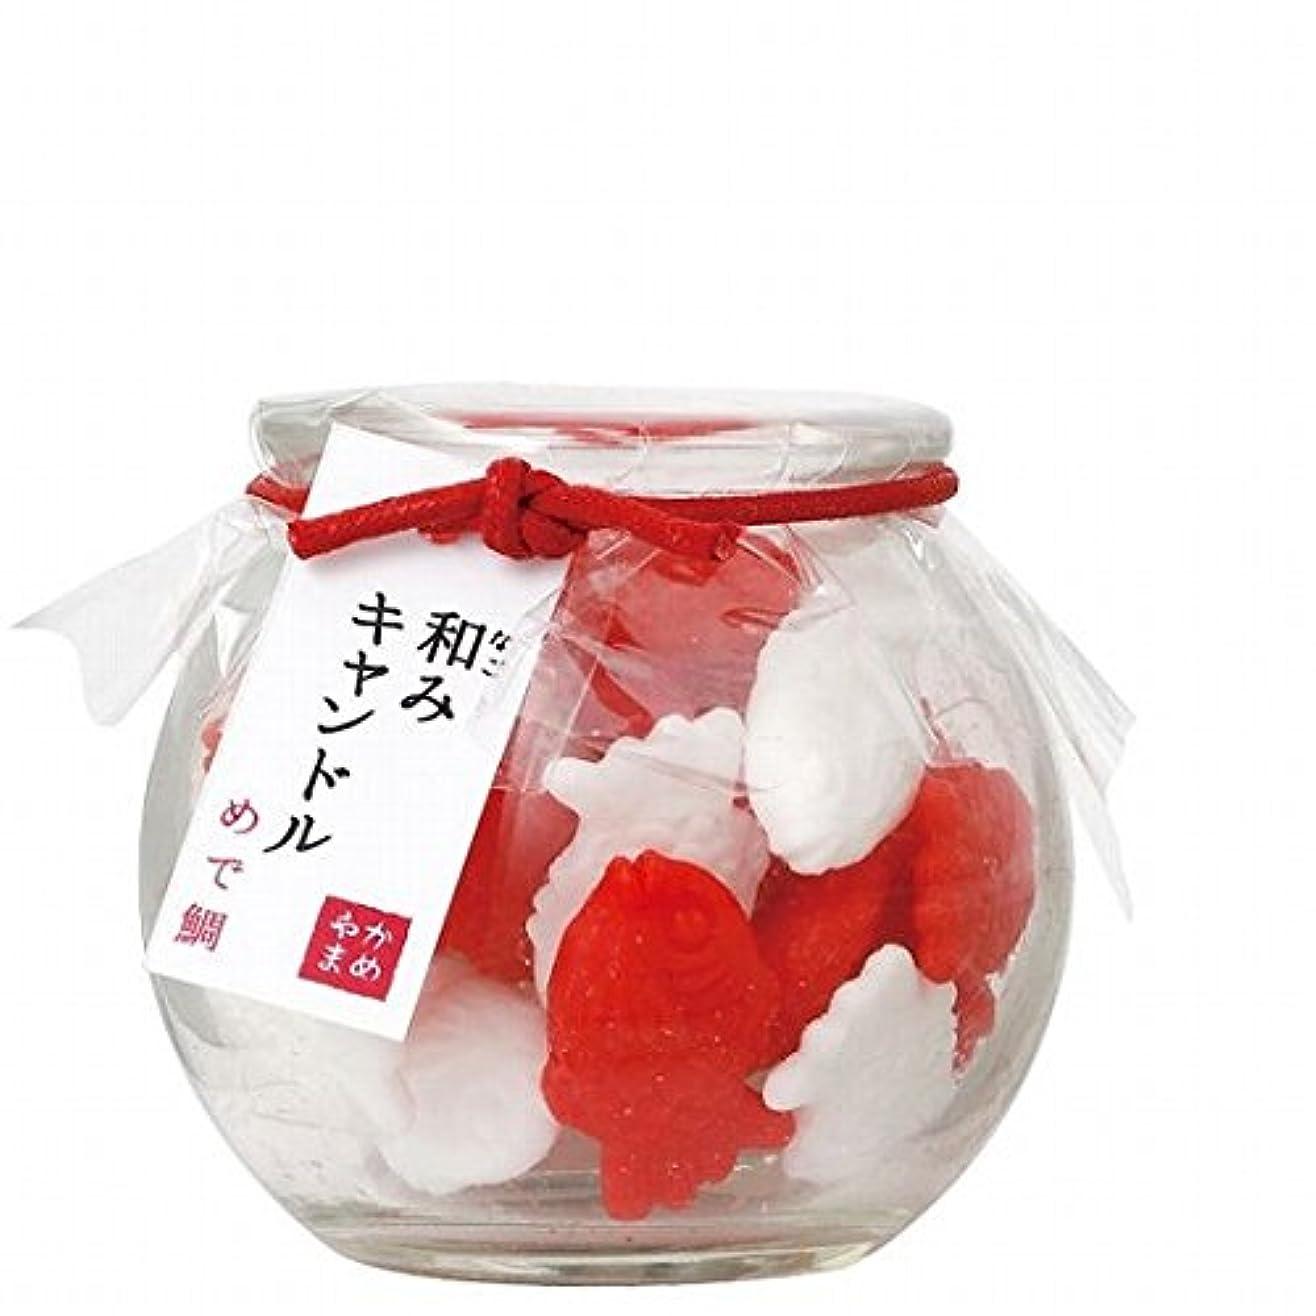 技術者解明する結紮カメヤマキャンドル(kameyama candle) 和みキャンドル 「めで鯛」